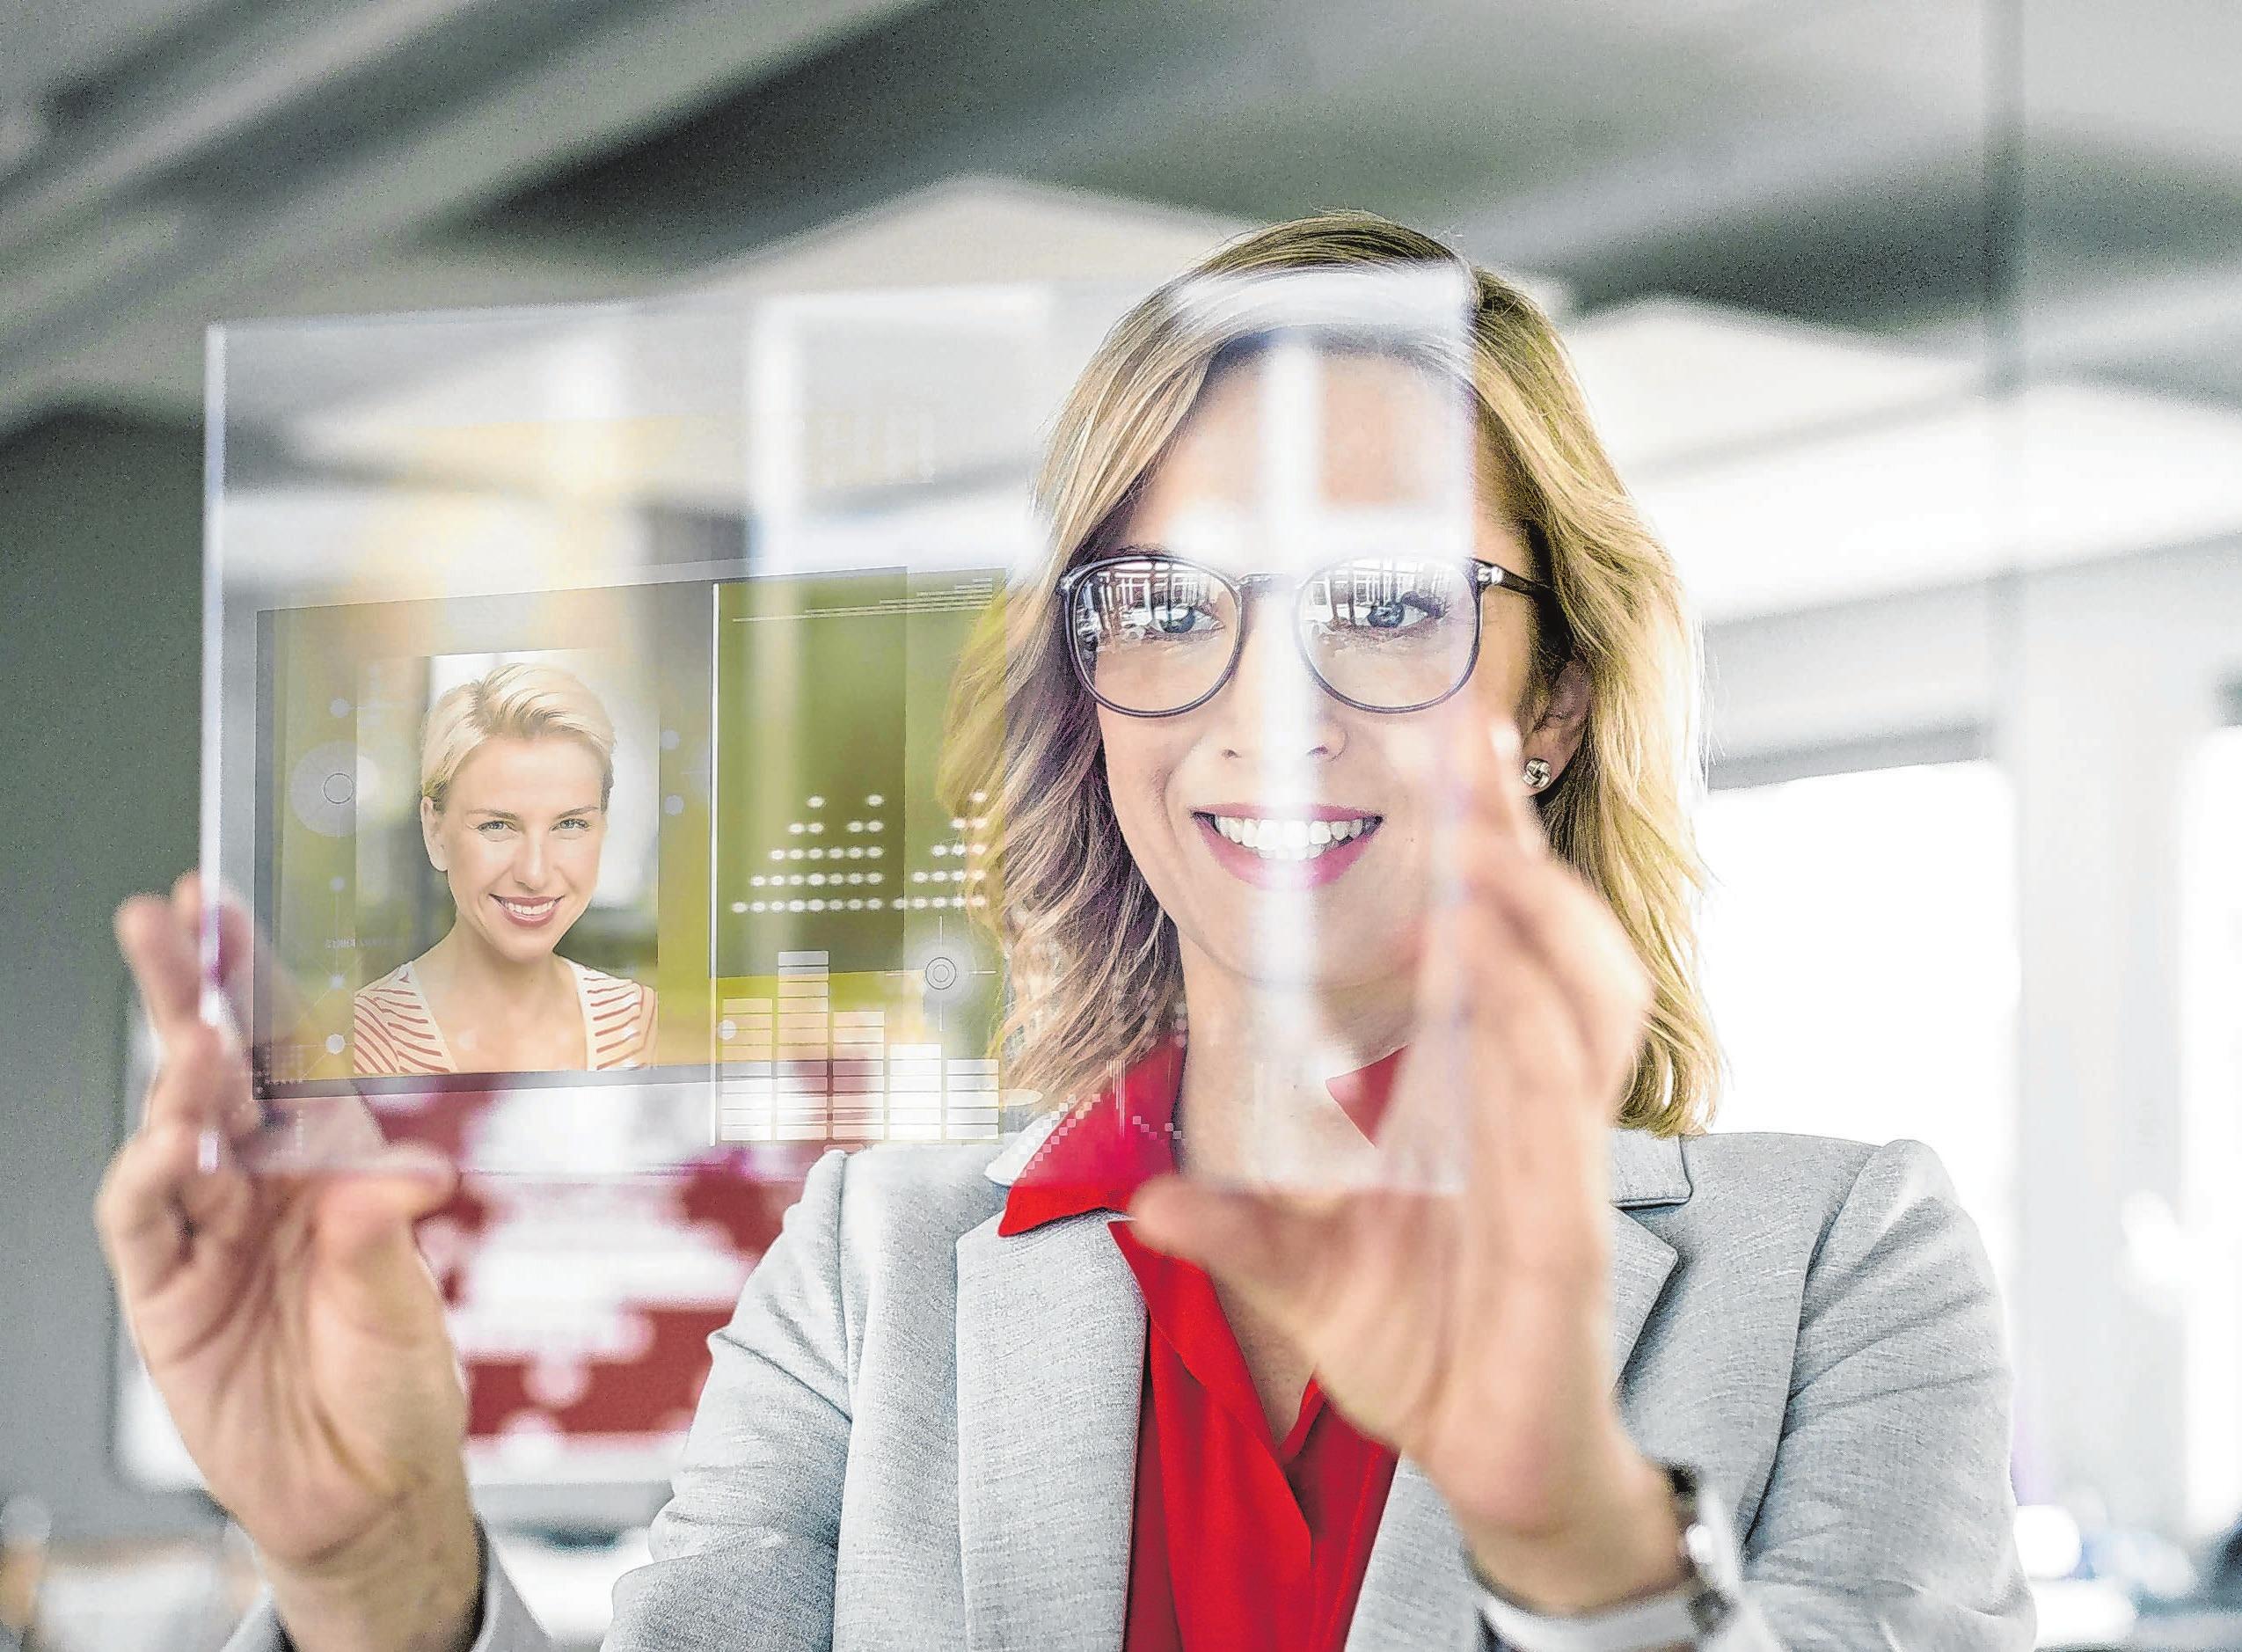 Digitale Business-Netzwerke machen es möglich: Schon vor dem ersten Gespräch können Personaler das Business-Profil von Kandidaten im Netz prüfen. Foto: Peter Scholl/dpa-mag